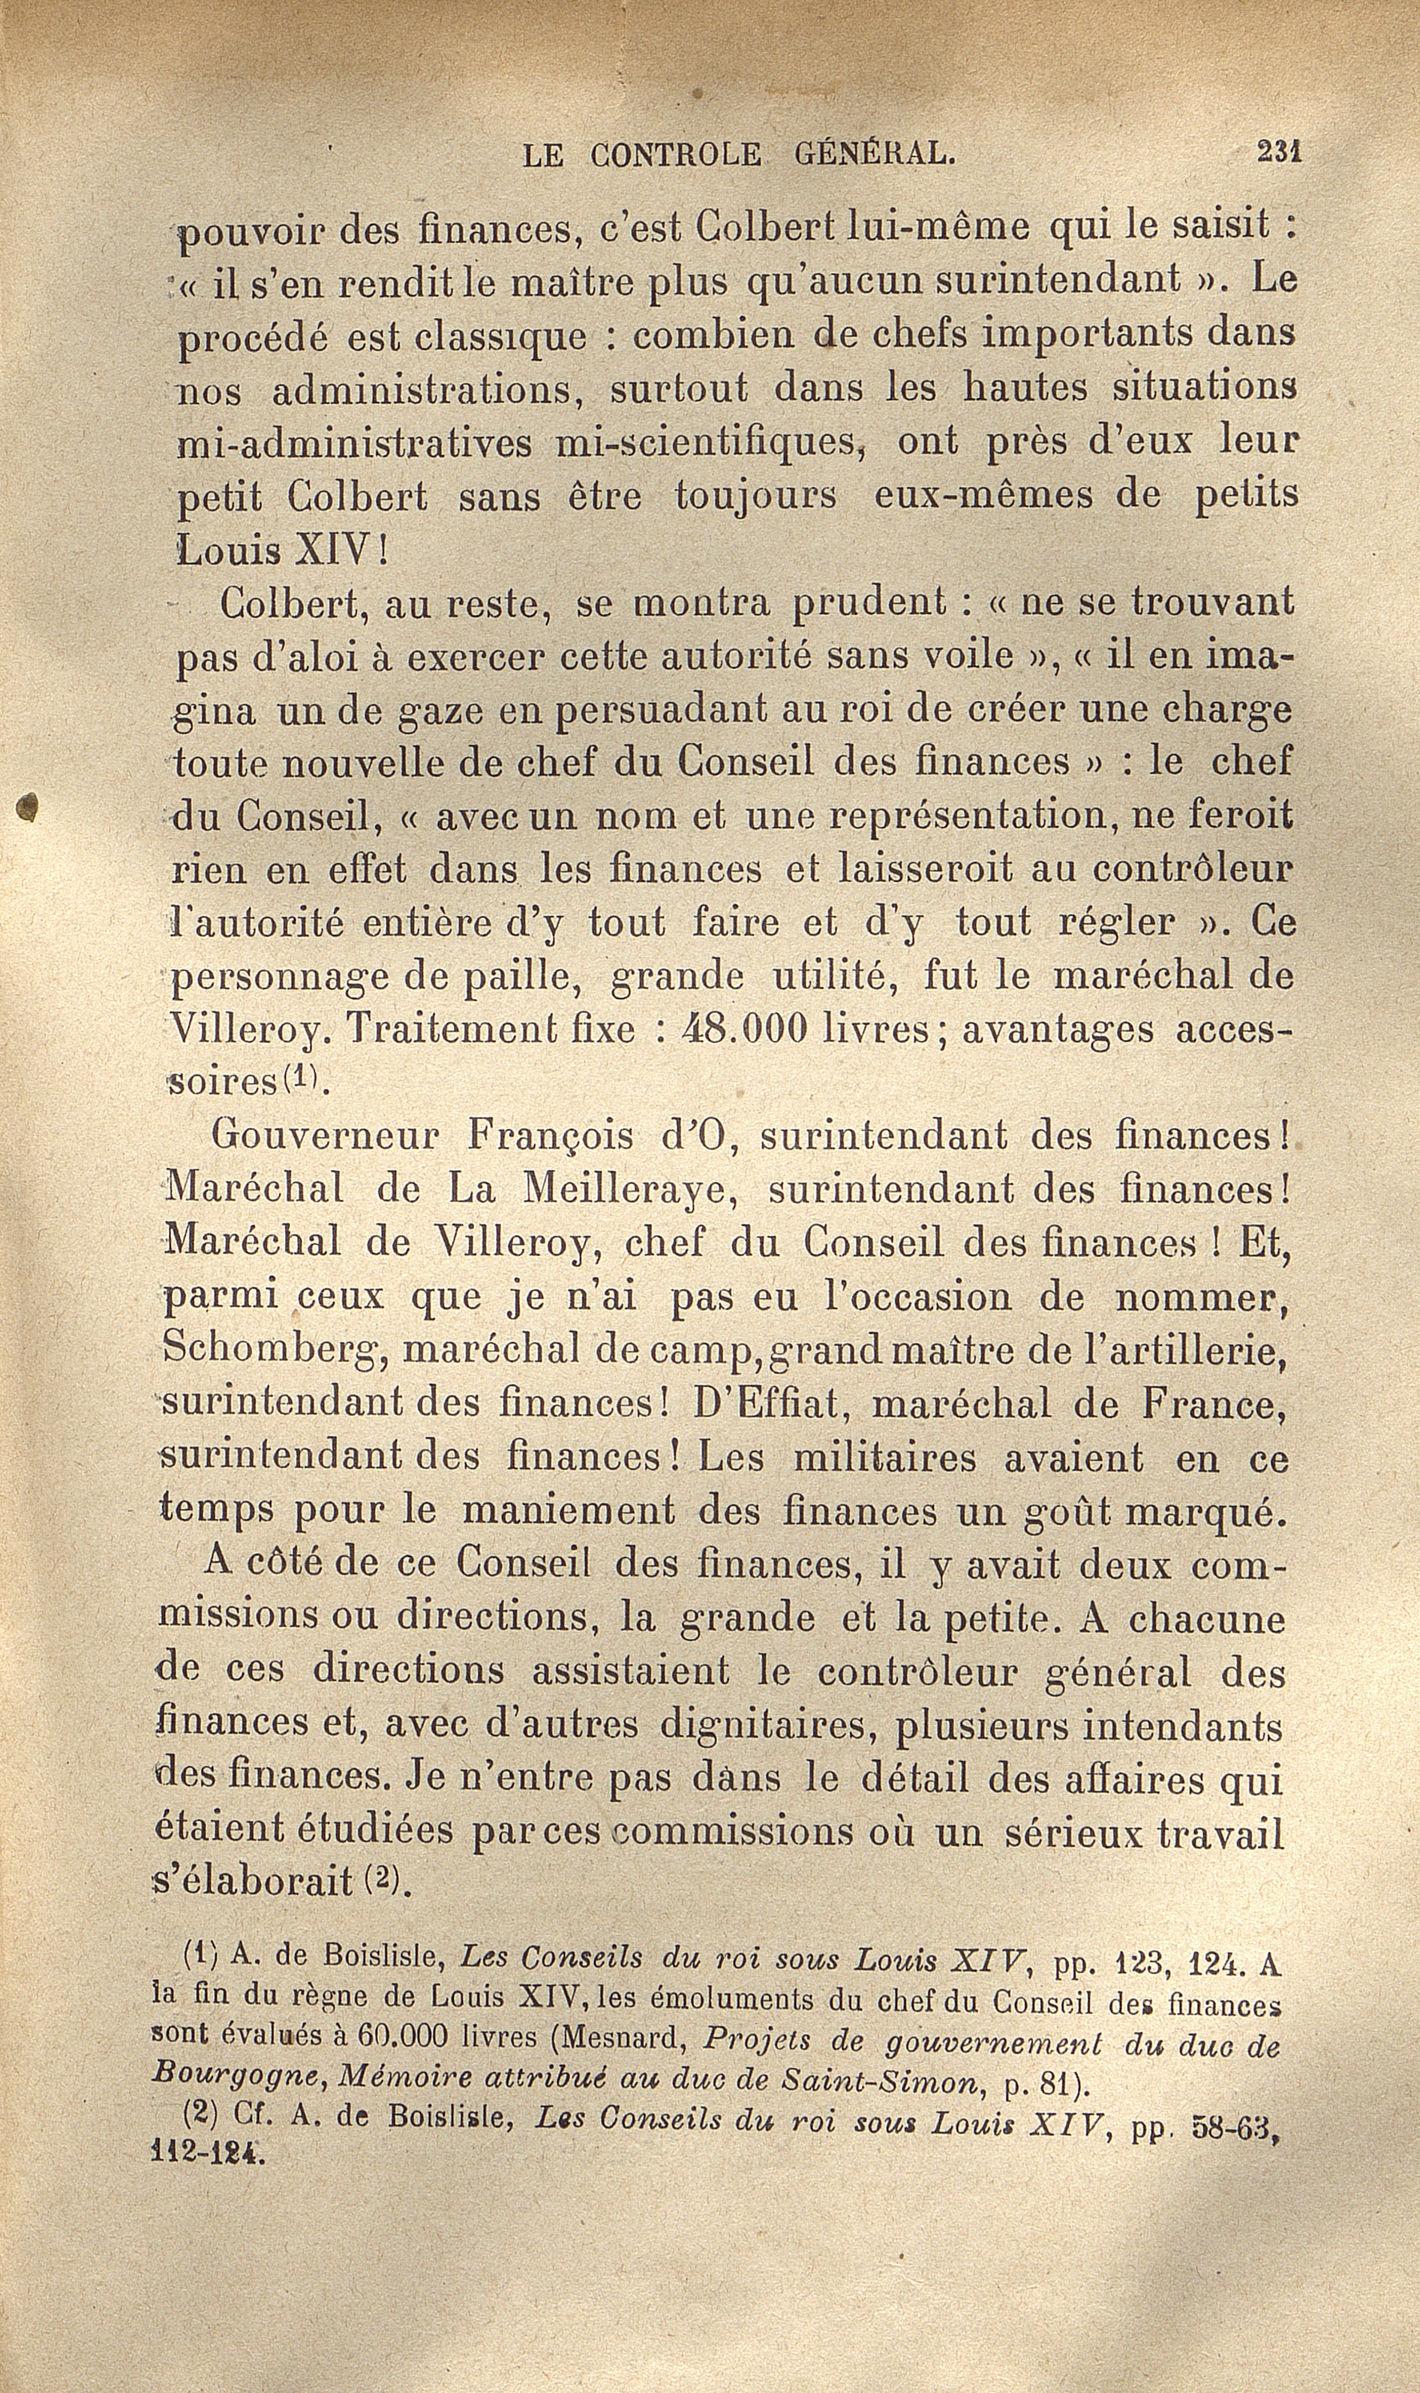 http://expo-paulviollet.univ-paris1.fr/wp-content/uploads/2016/02/0605381272_0245.jpg